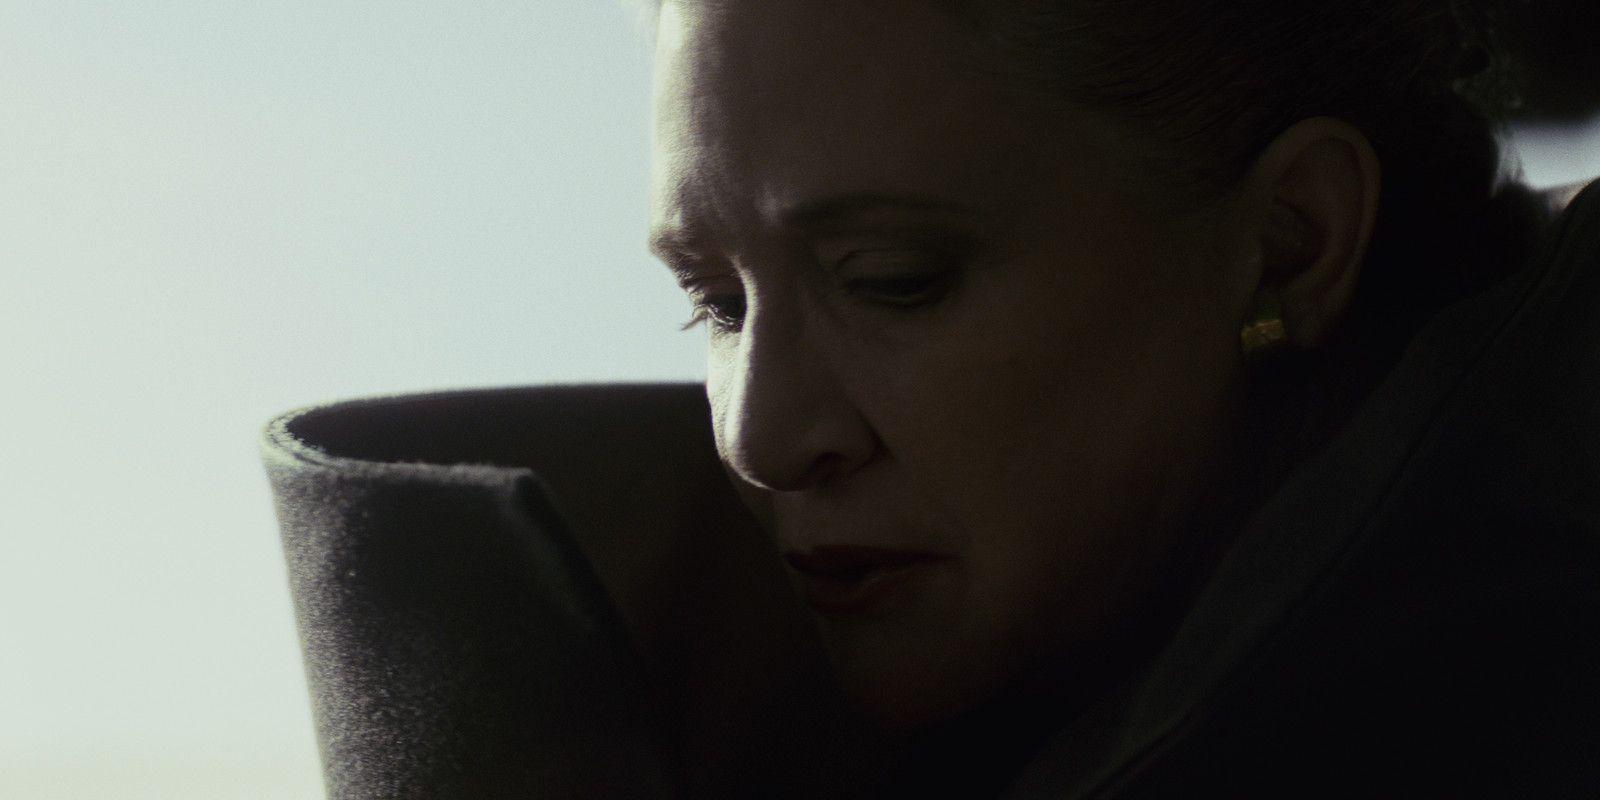 Star Wars Gli Ultimi Jedi: il risveglio dell'oscurità nel primo spot ufficiale